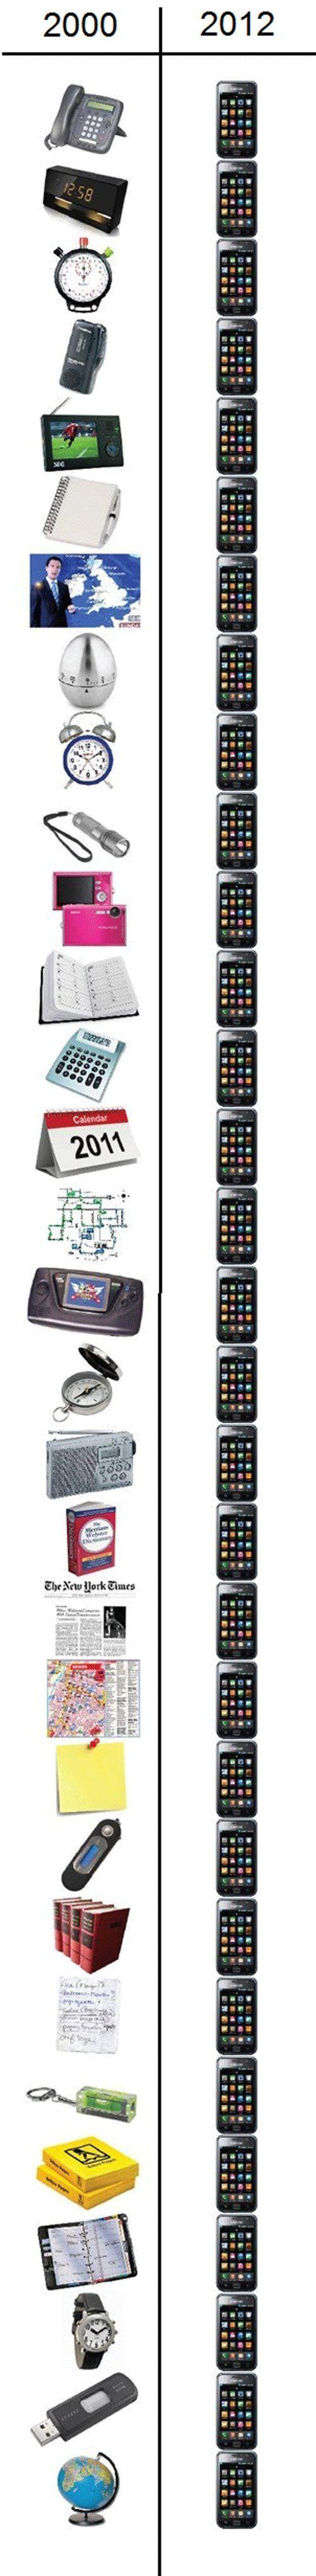 Gadgets of 2000 vs Gadgets of 2012!